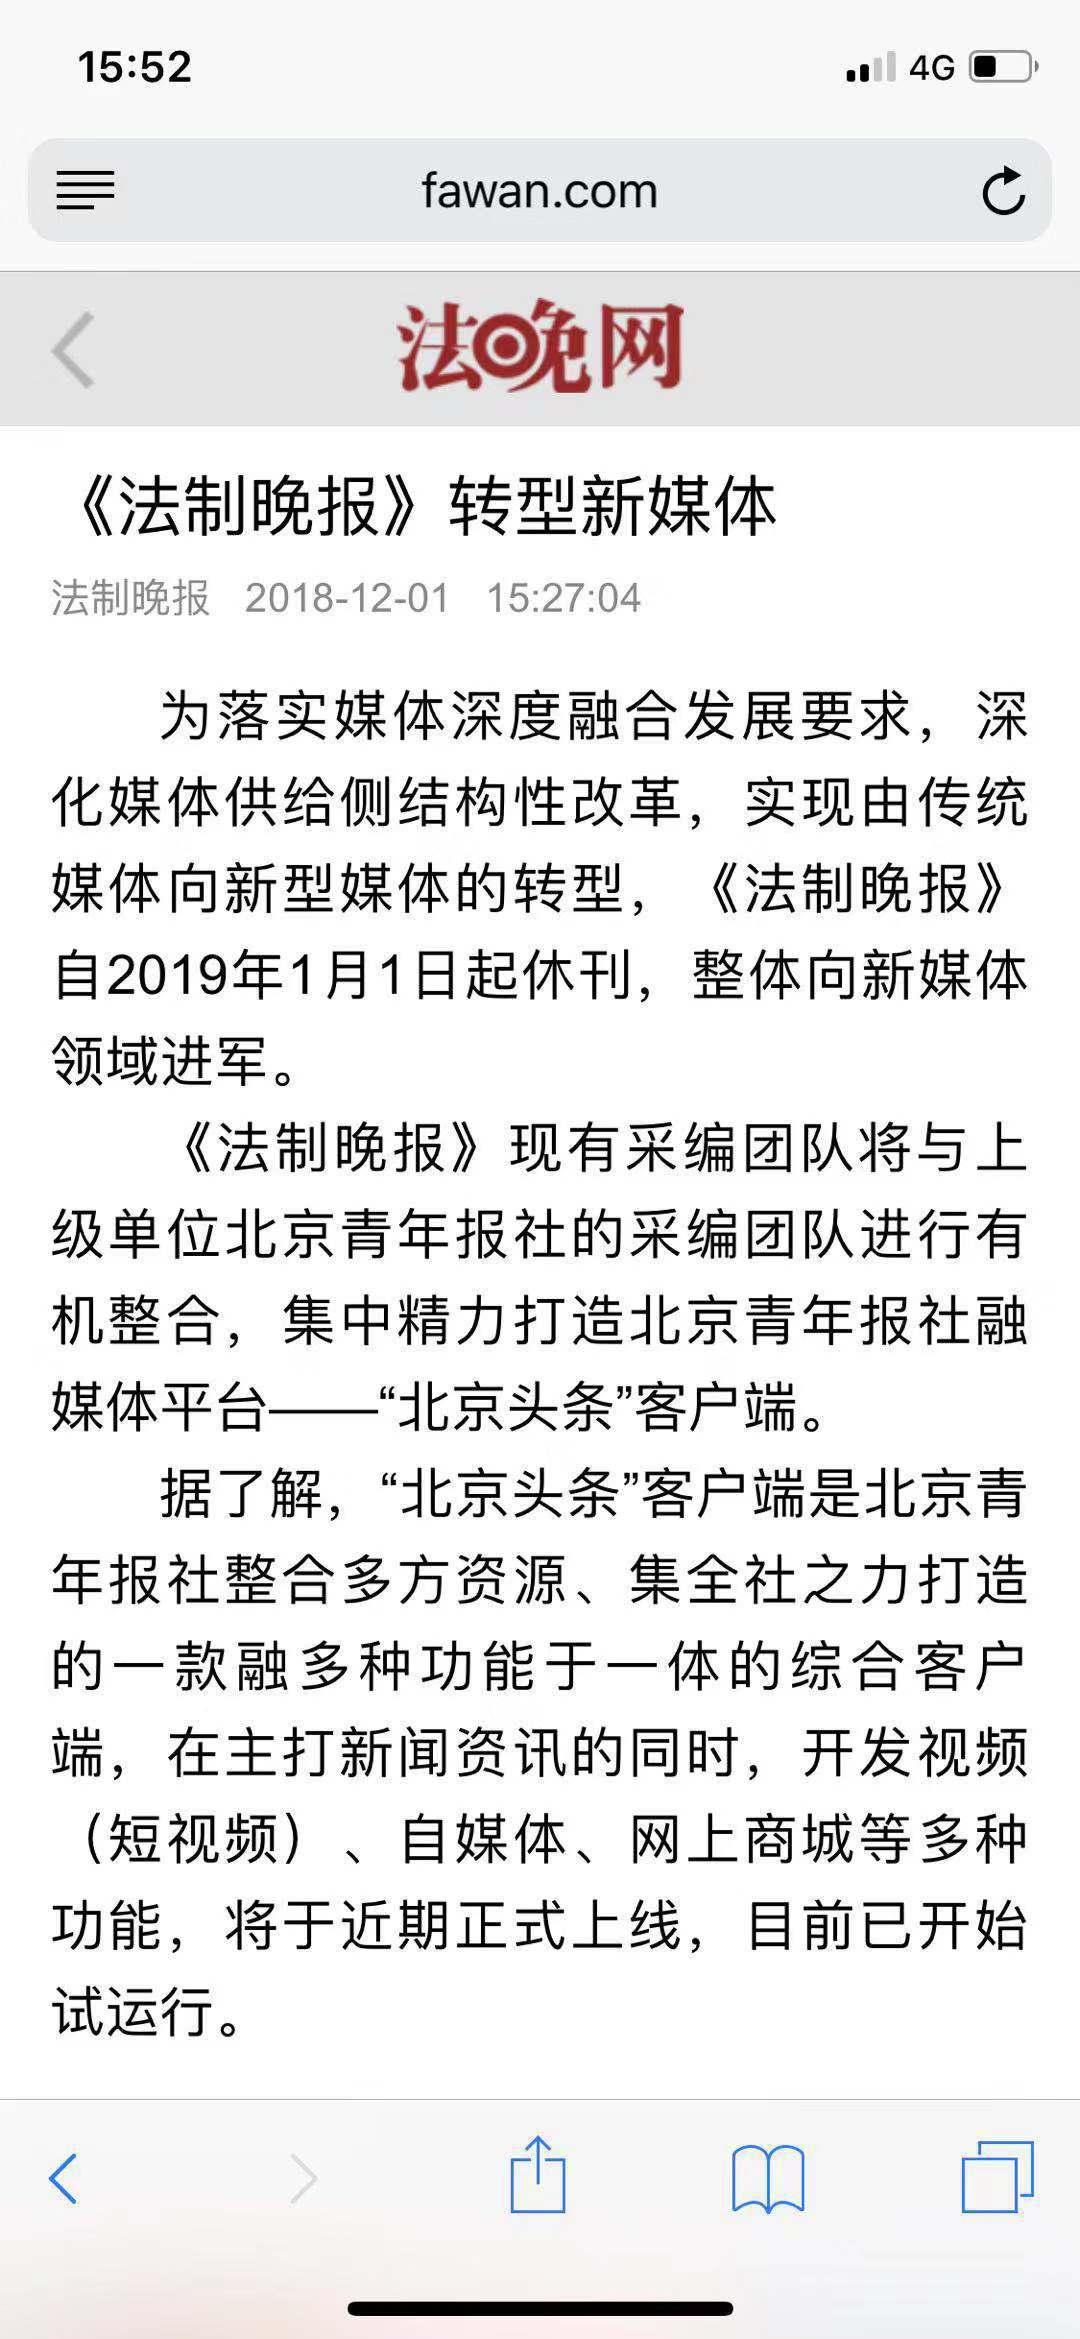 《法制晚报》公告:2019年1月1日起休刊